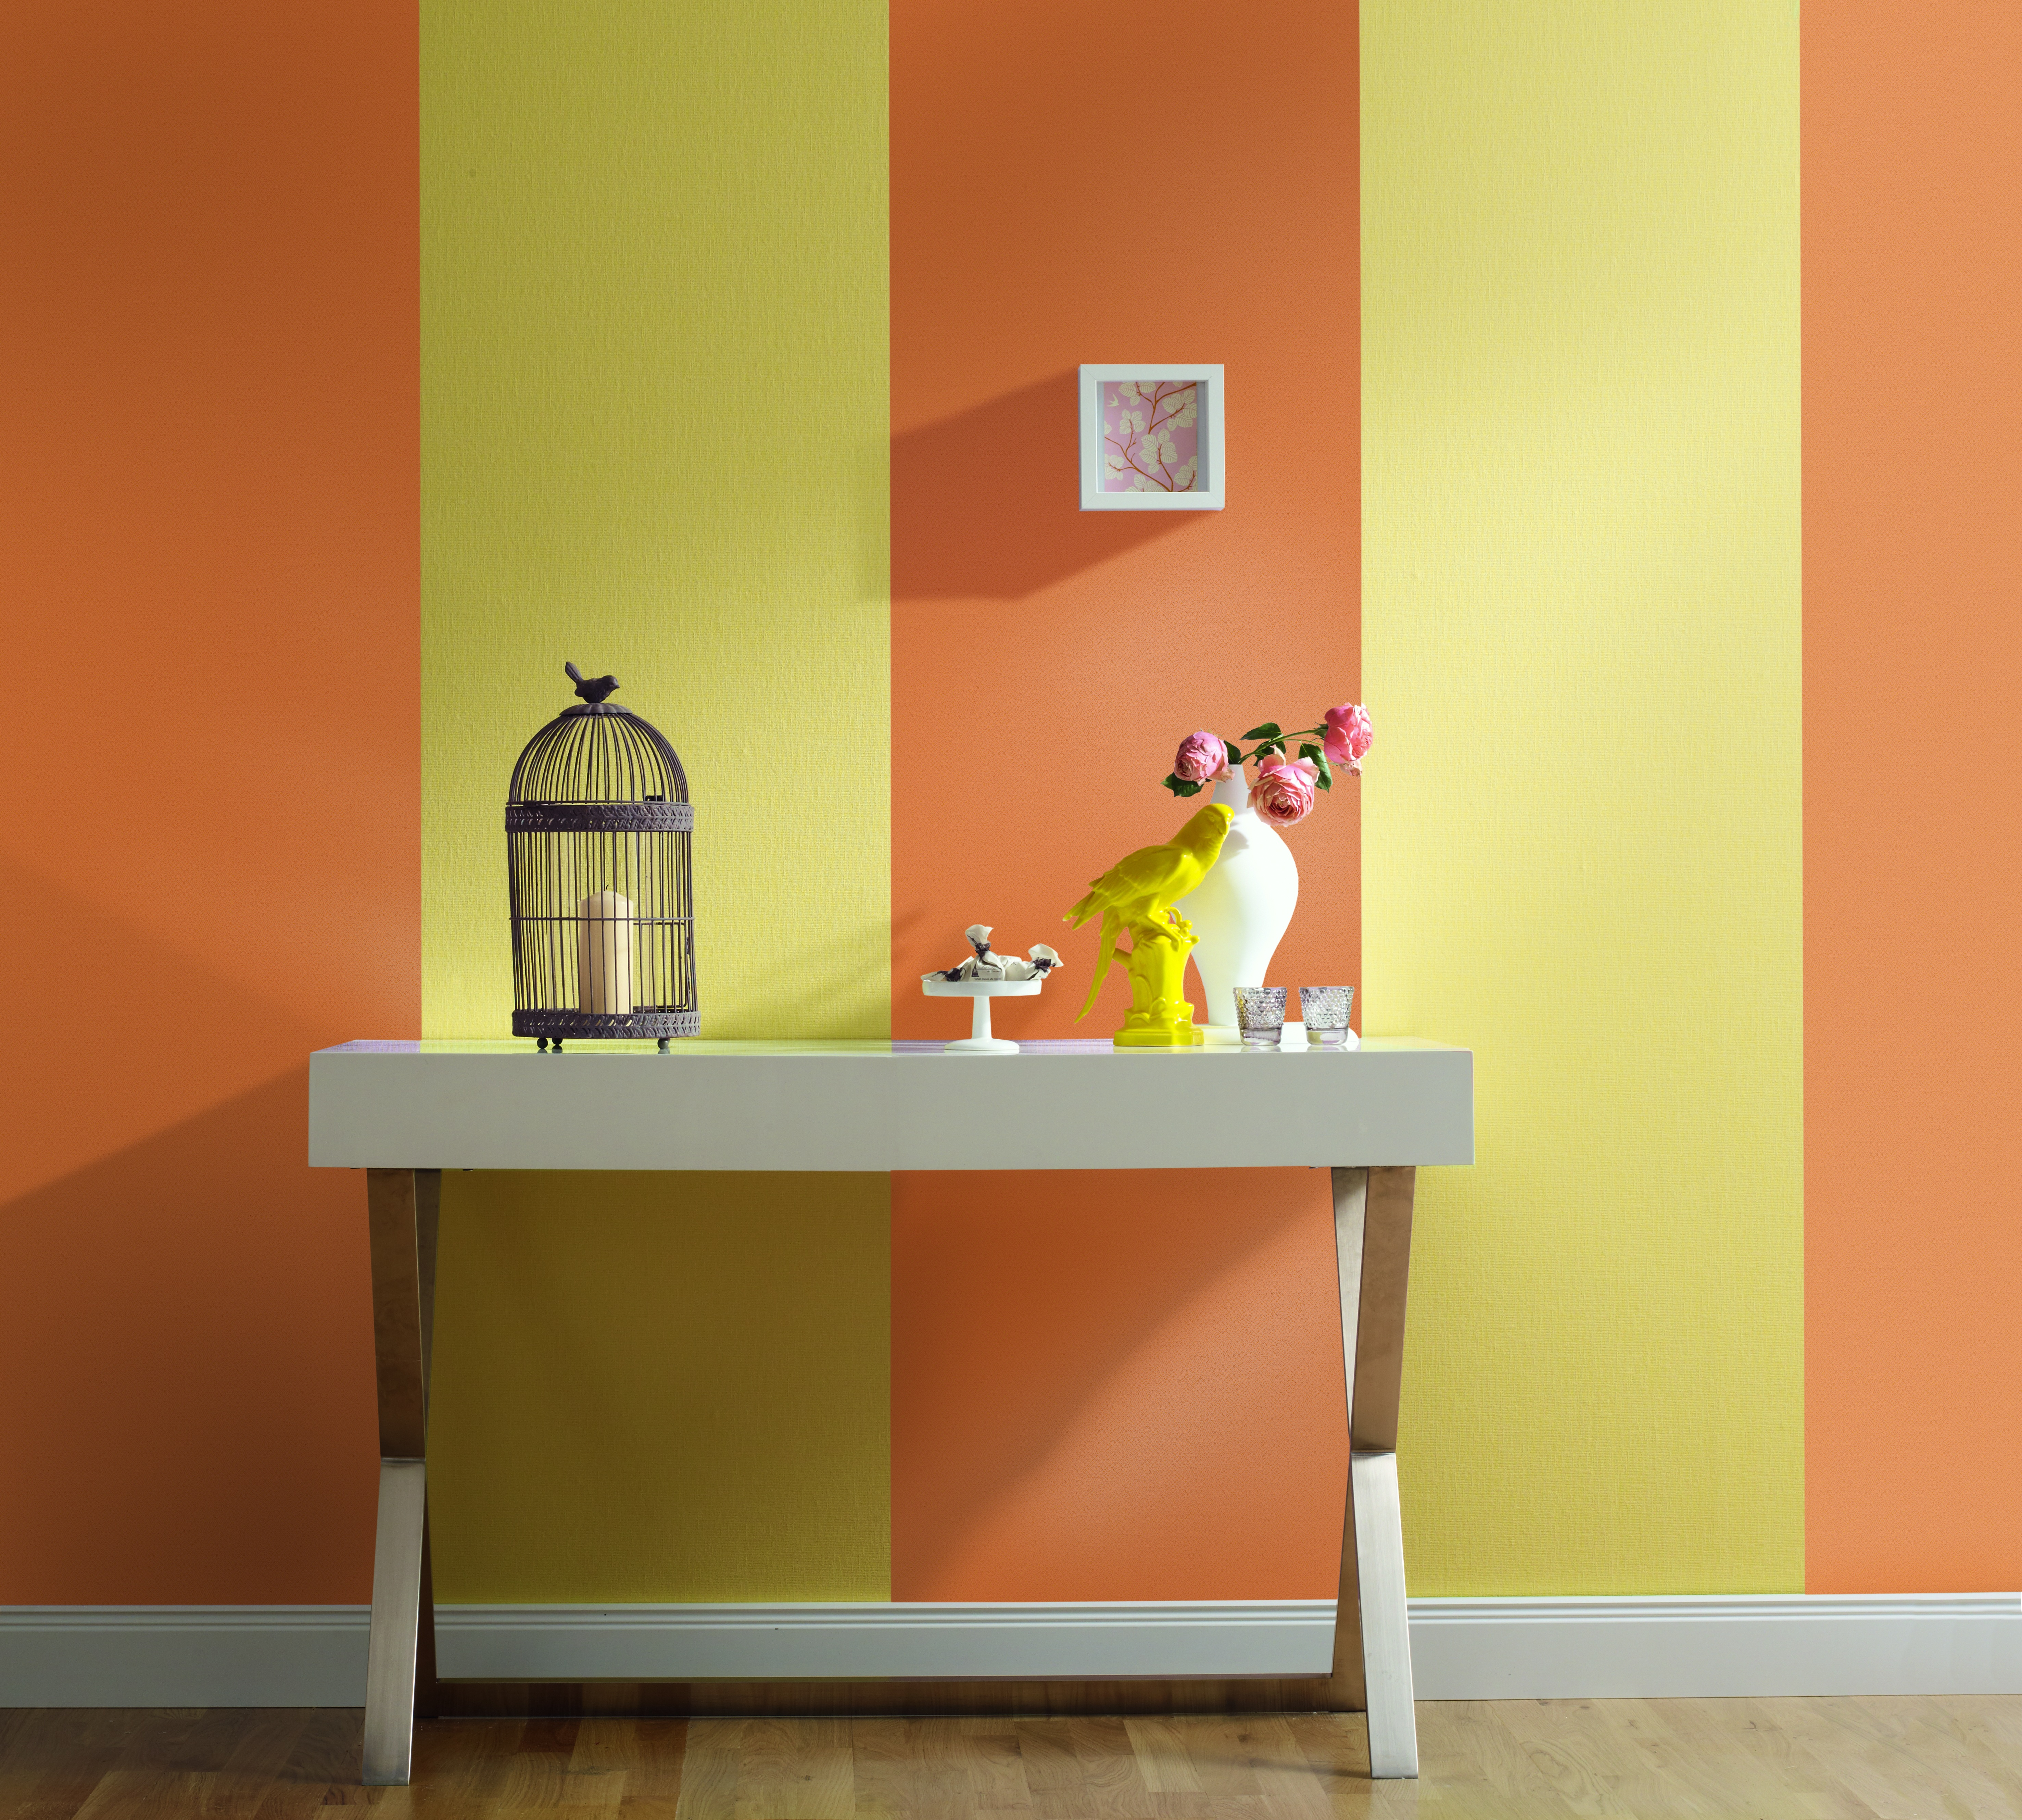 wanddesign im streifenlook farben sind unsere welt. Black Bedroom Furniture Sets. Home Design Ideas